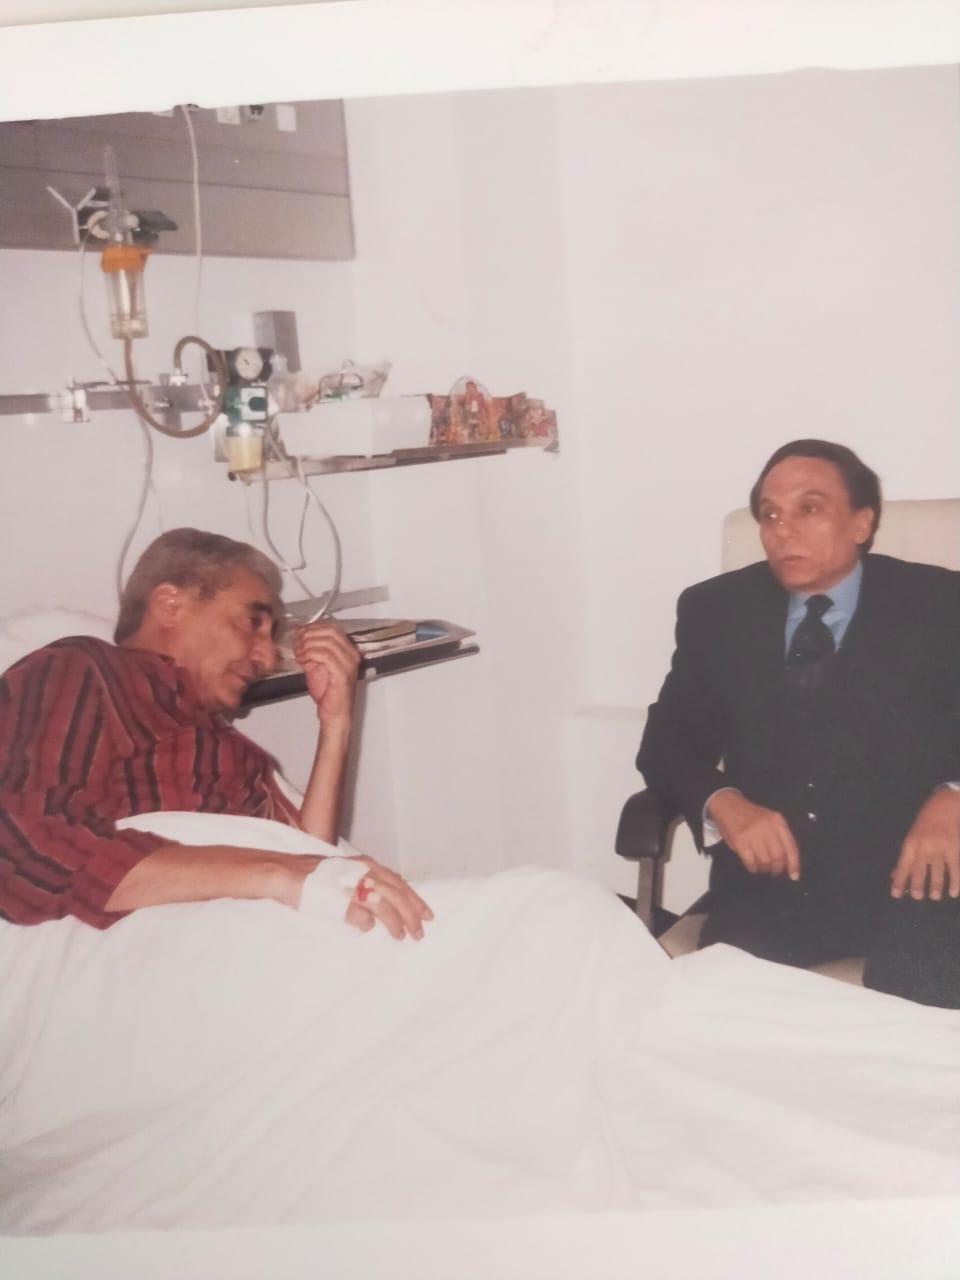 الزعيم عادل امام اثناء زيارته للخال عام 1998